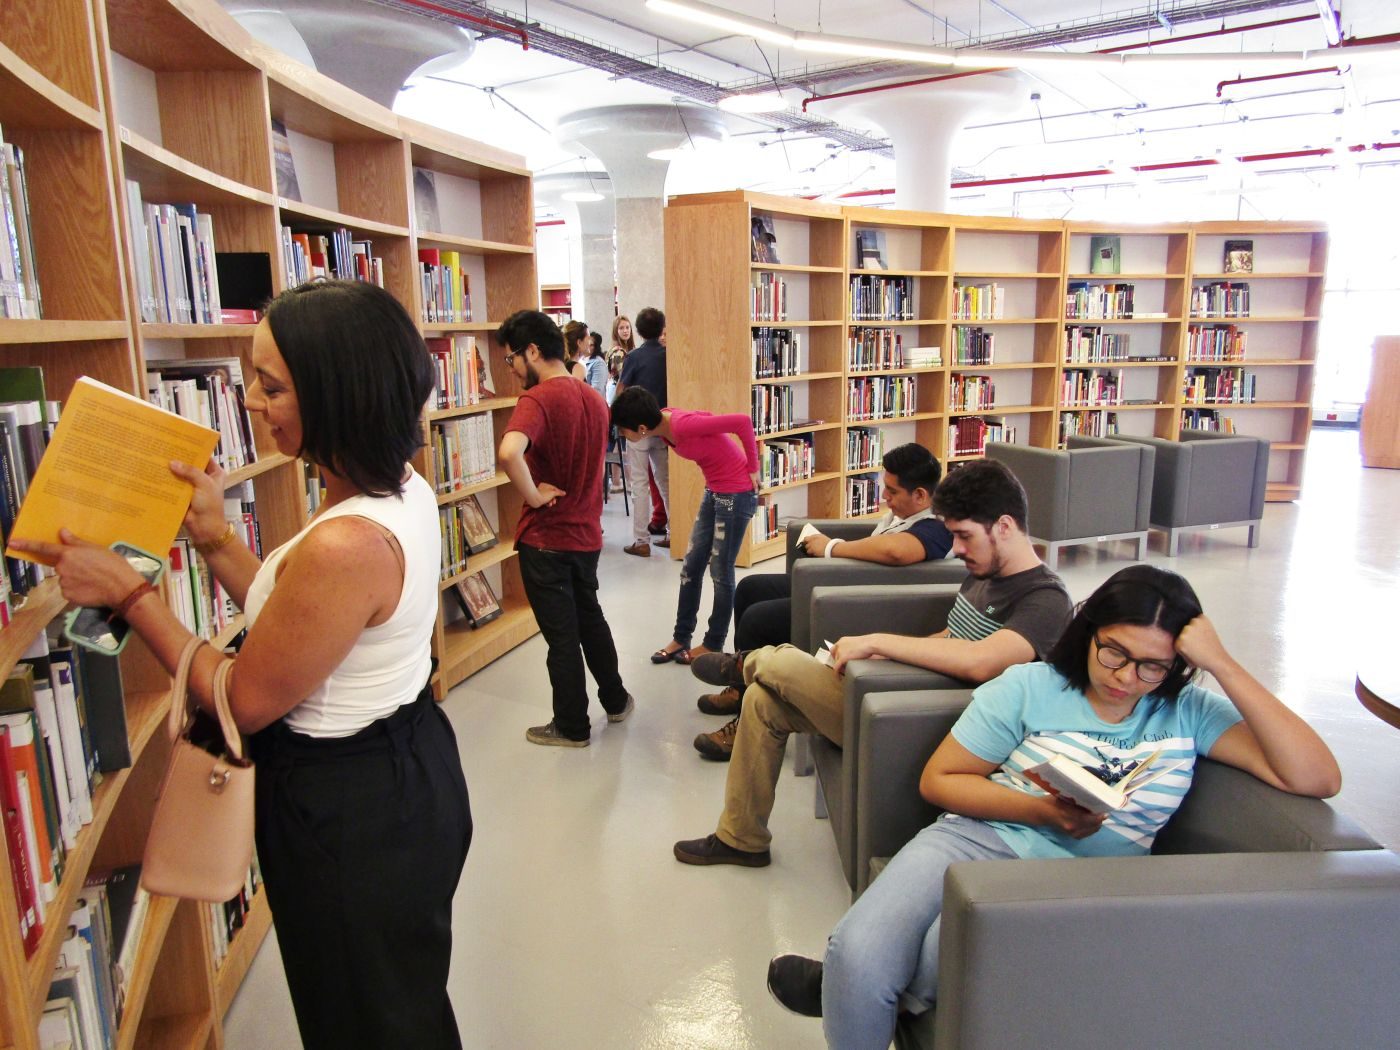 La primera biblioteca dedicada a las artes fue inaugurada en Guayaquil